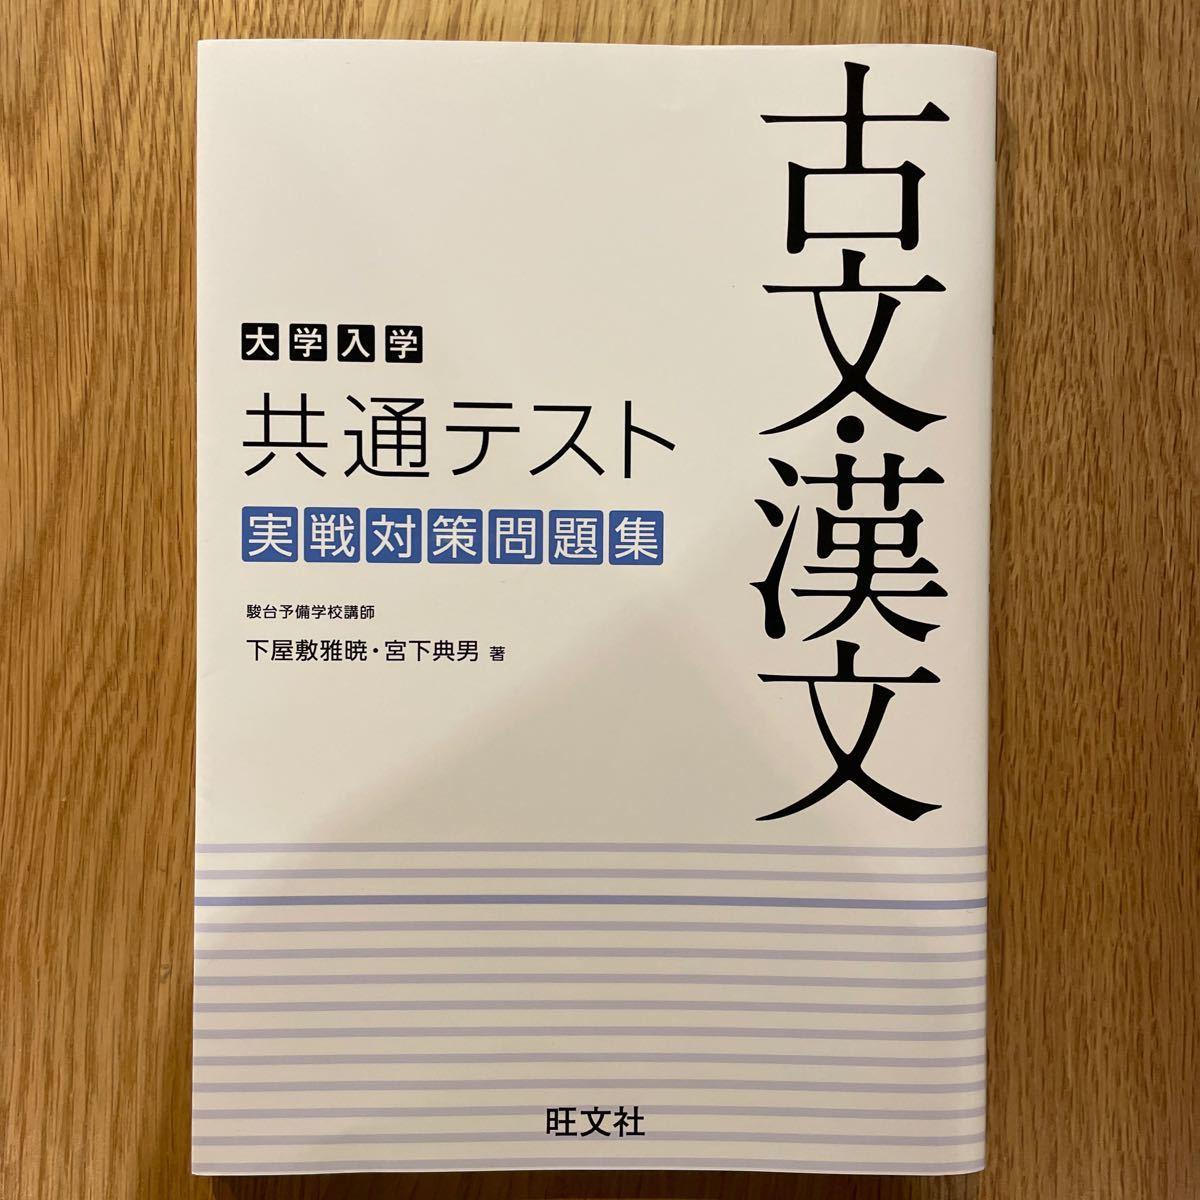 大学入学共通テスト古文漢文実戦対策問題集/下屋敷雅暁/宮下典男